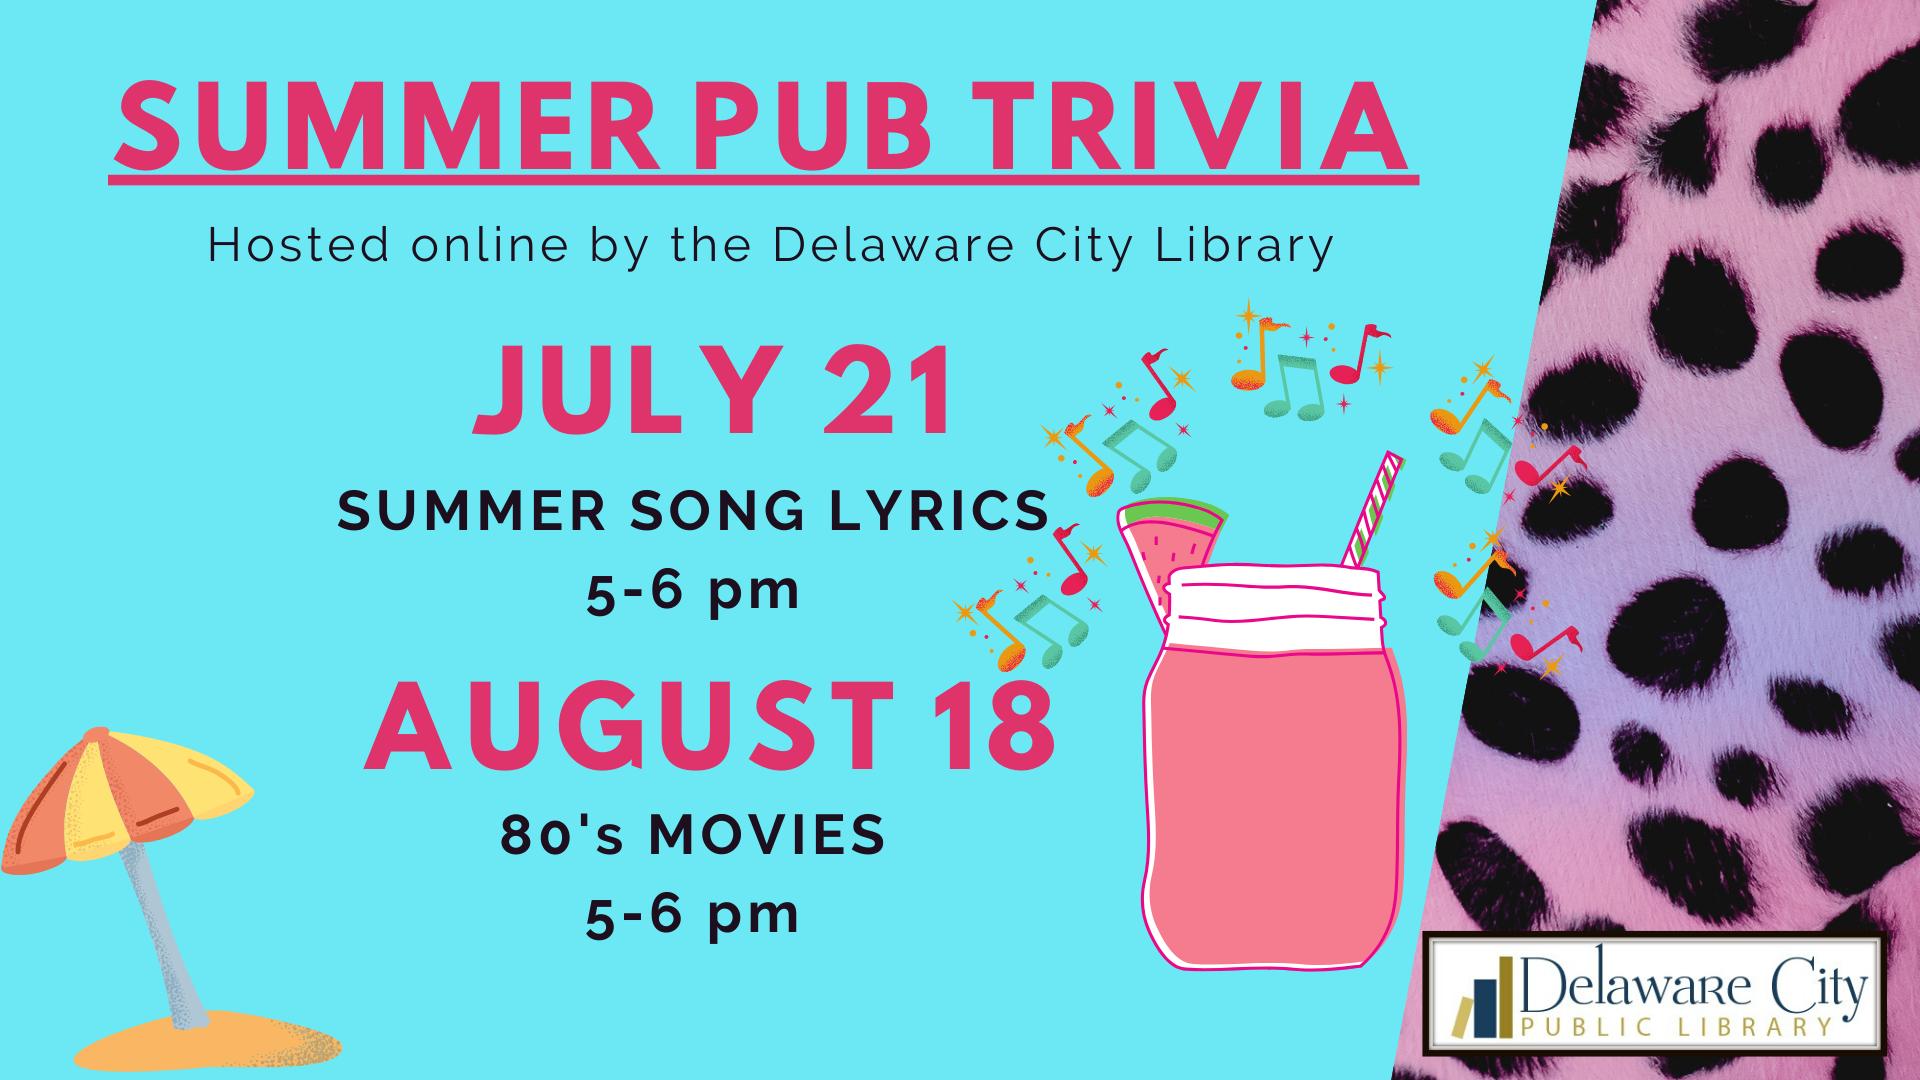 Summer Pub Trivia